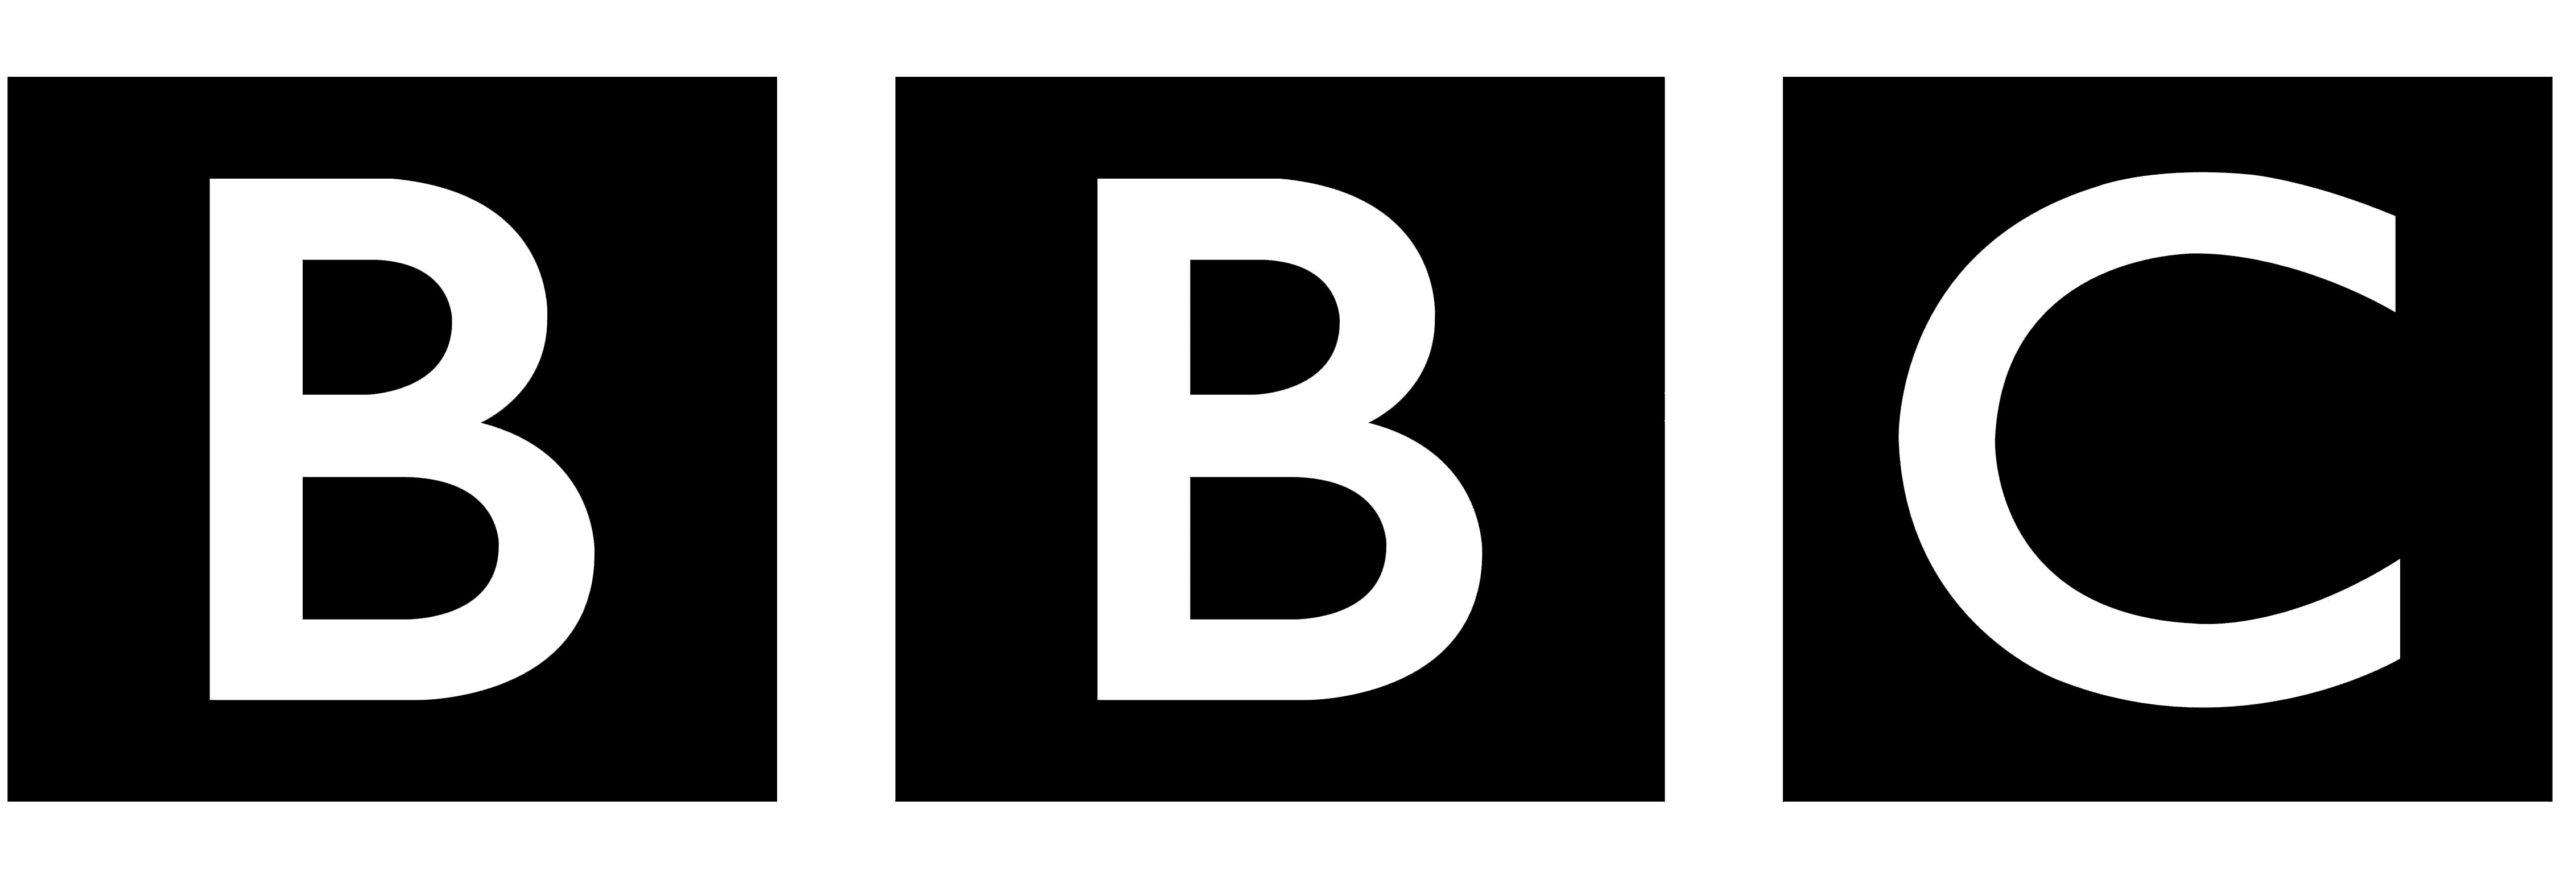 BBC logo crop